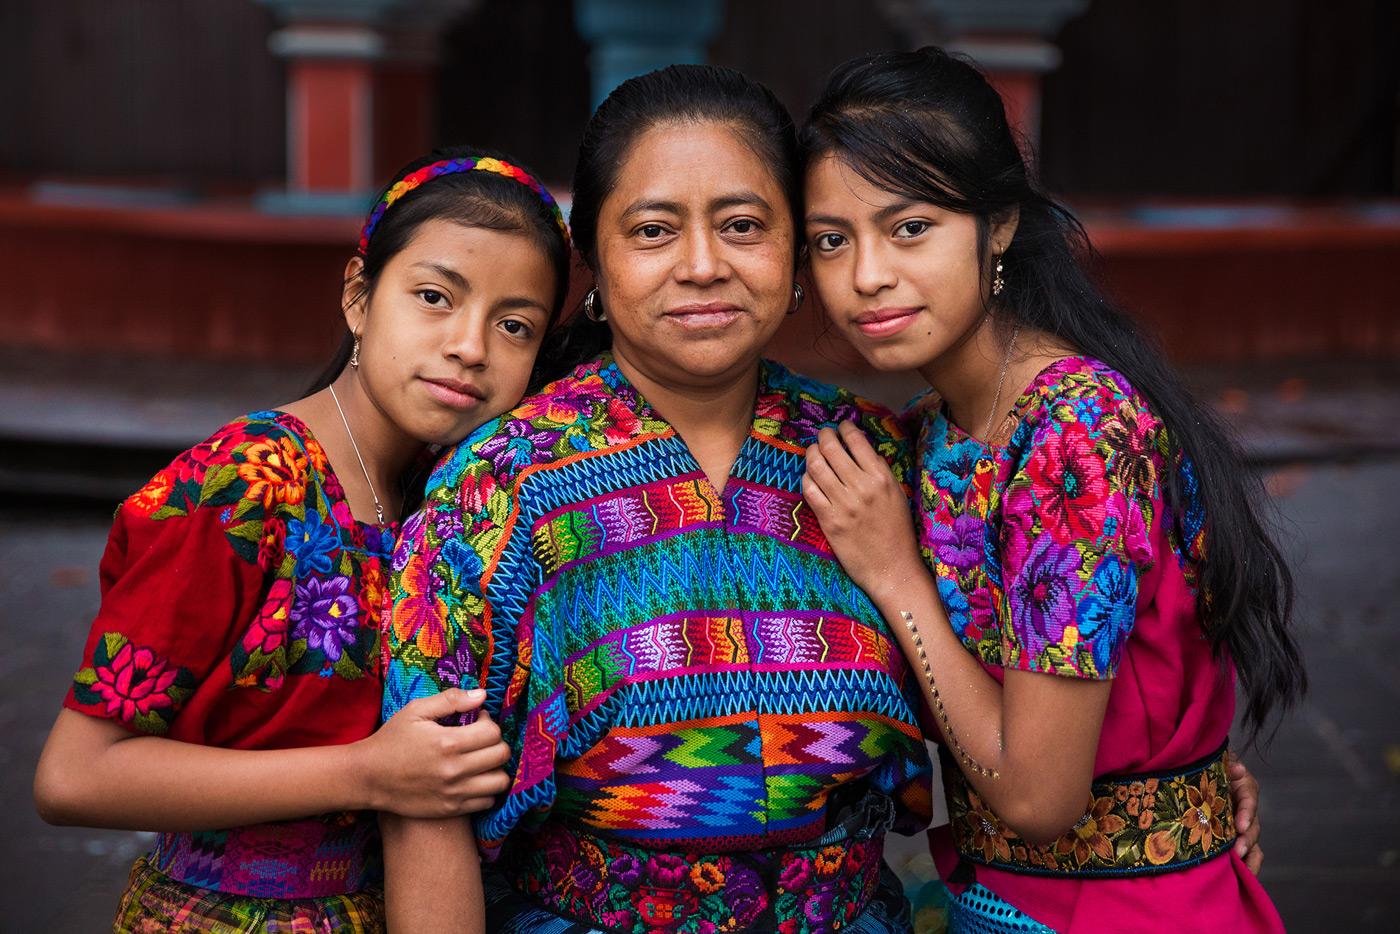 Mutter mit Töchtern in Guatemala